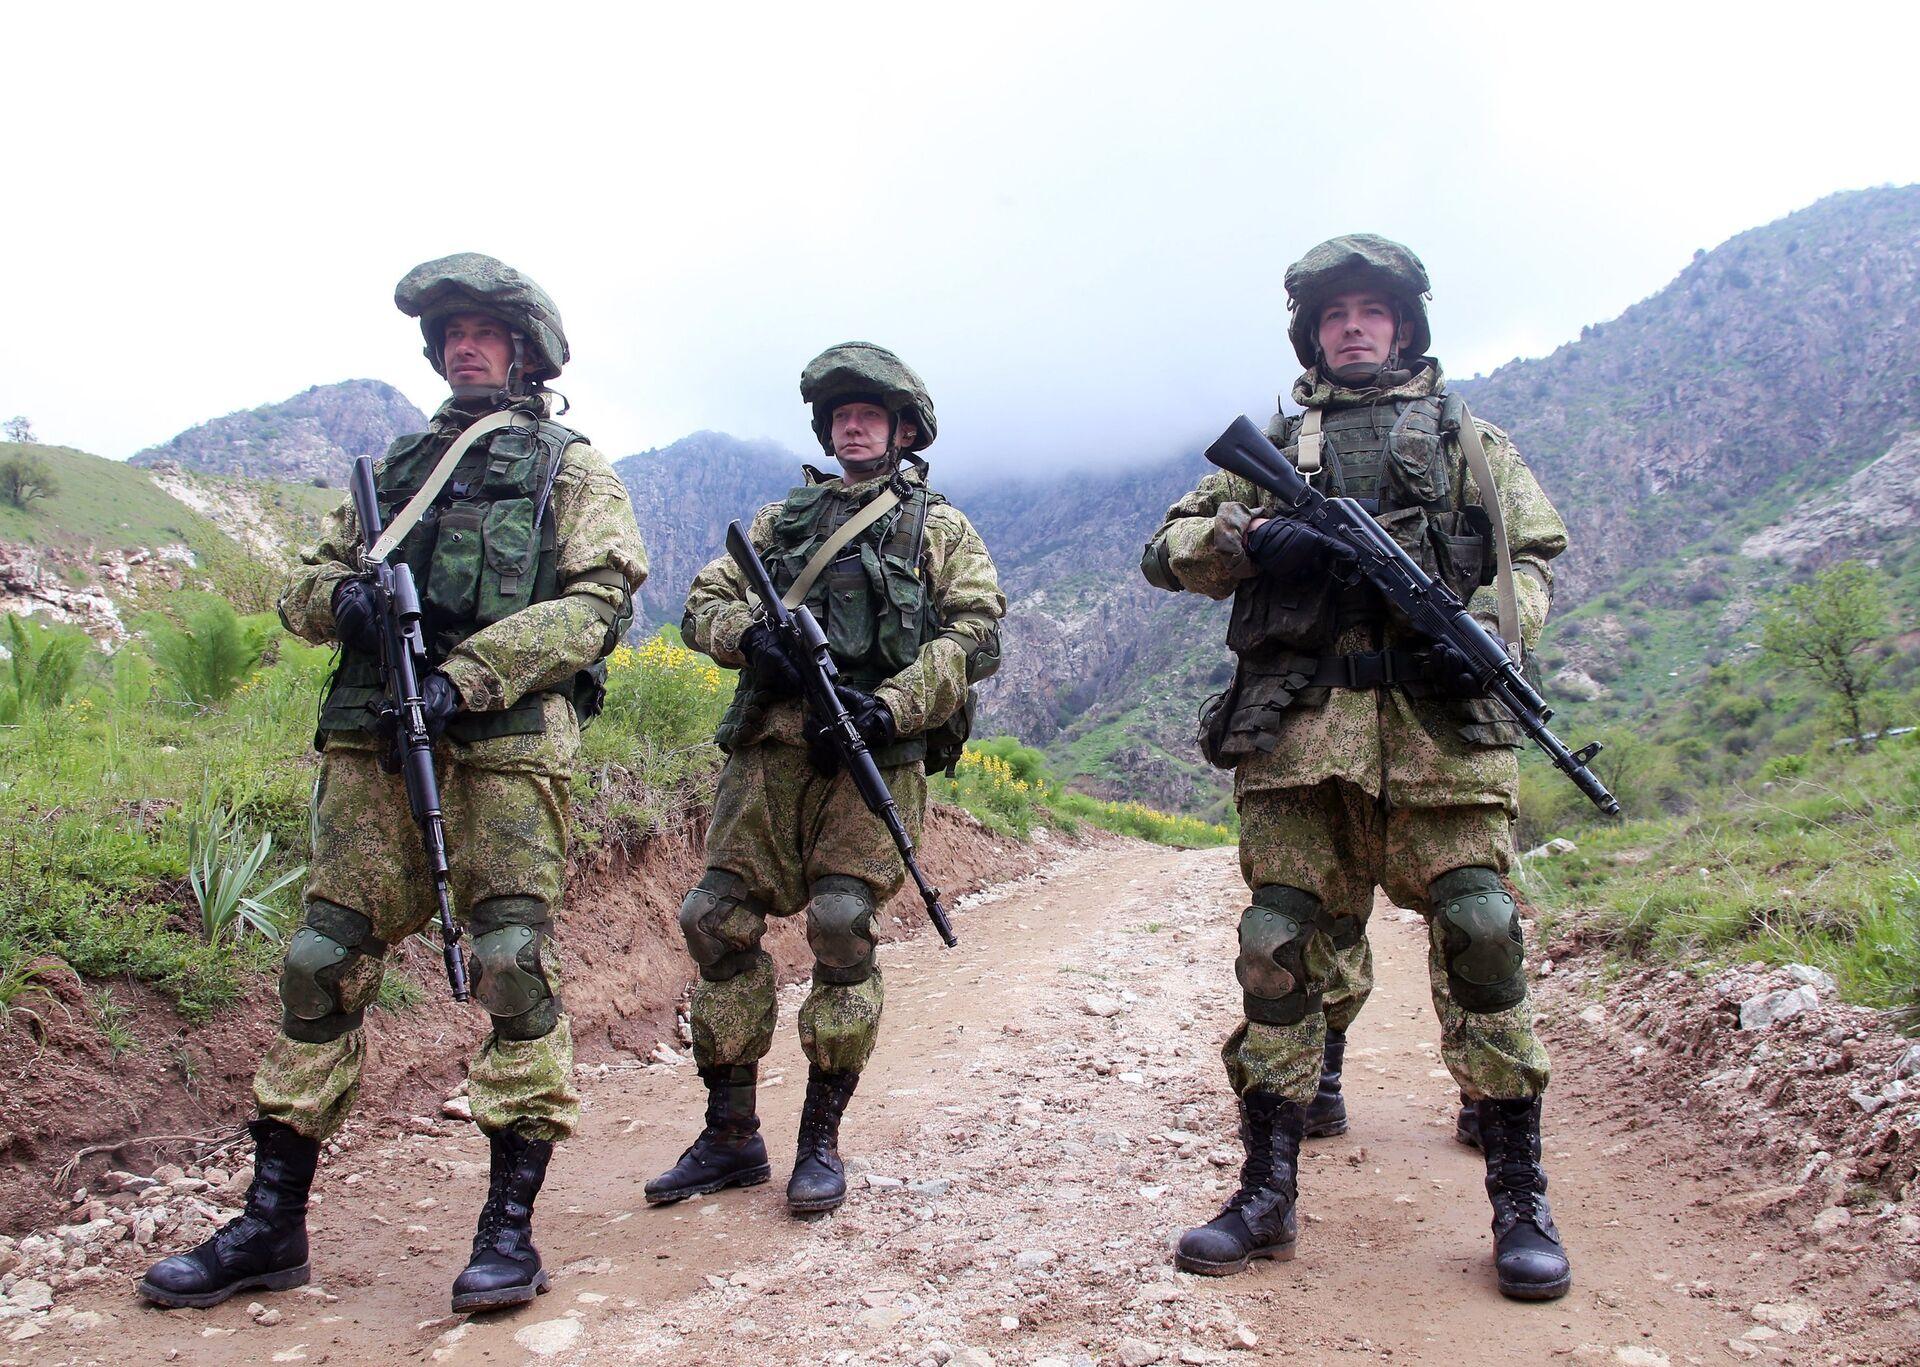 Военнослужащие российской армии во время учений в Таджикистане - РИА Новости, 1920, 03.06.2021